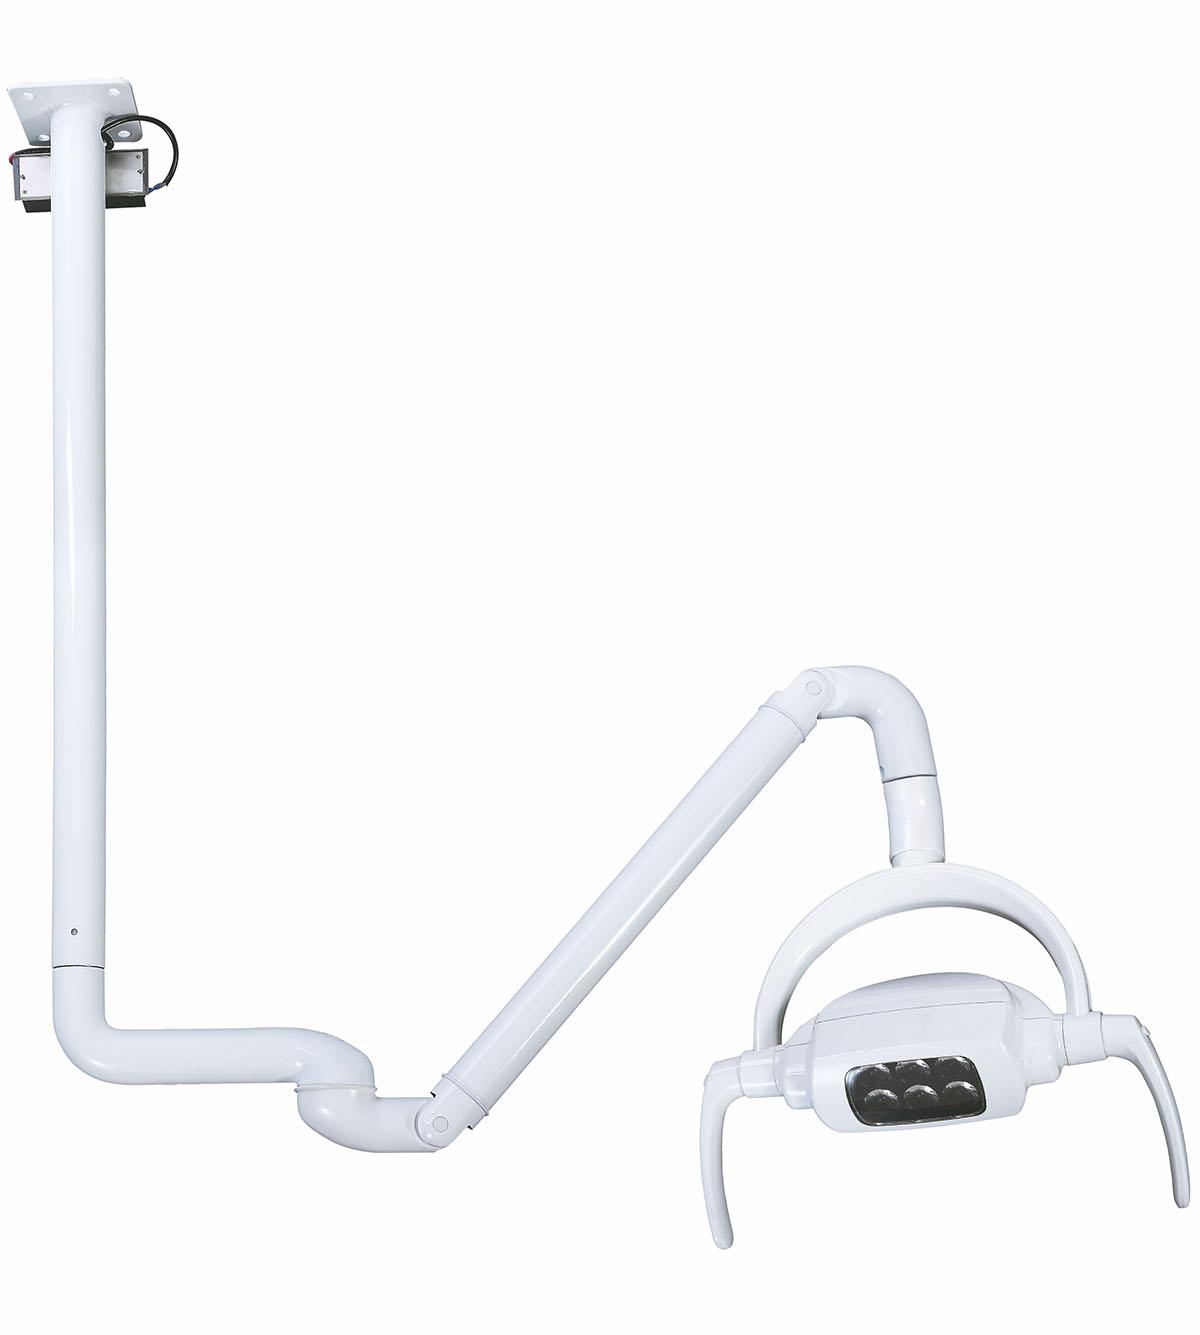 LED灯和灯臂SH-10137